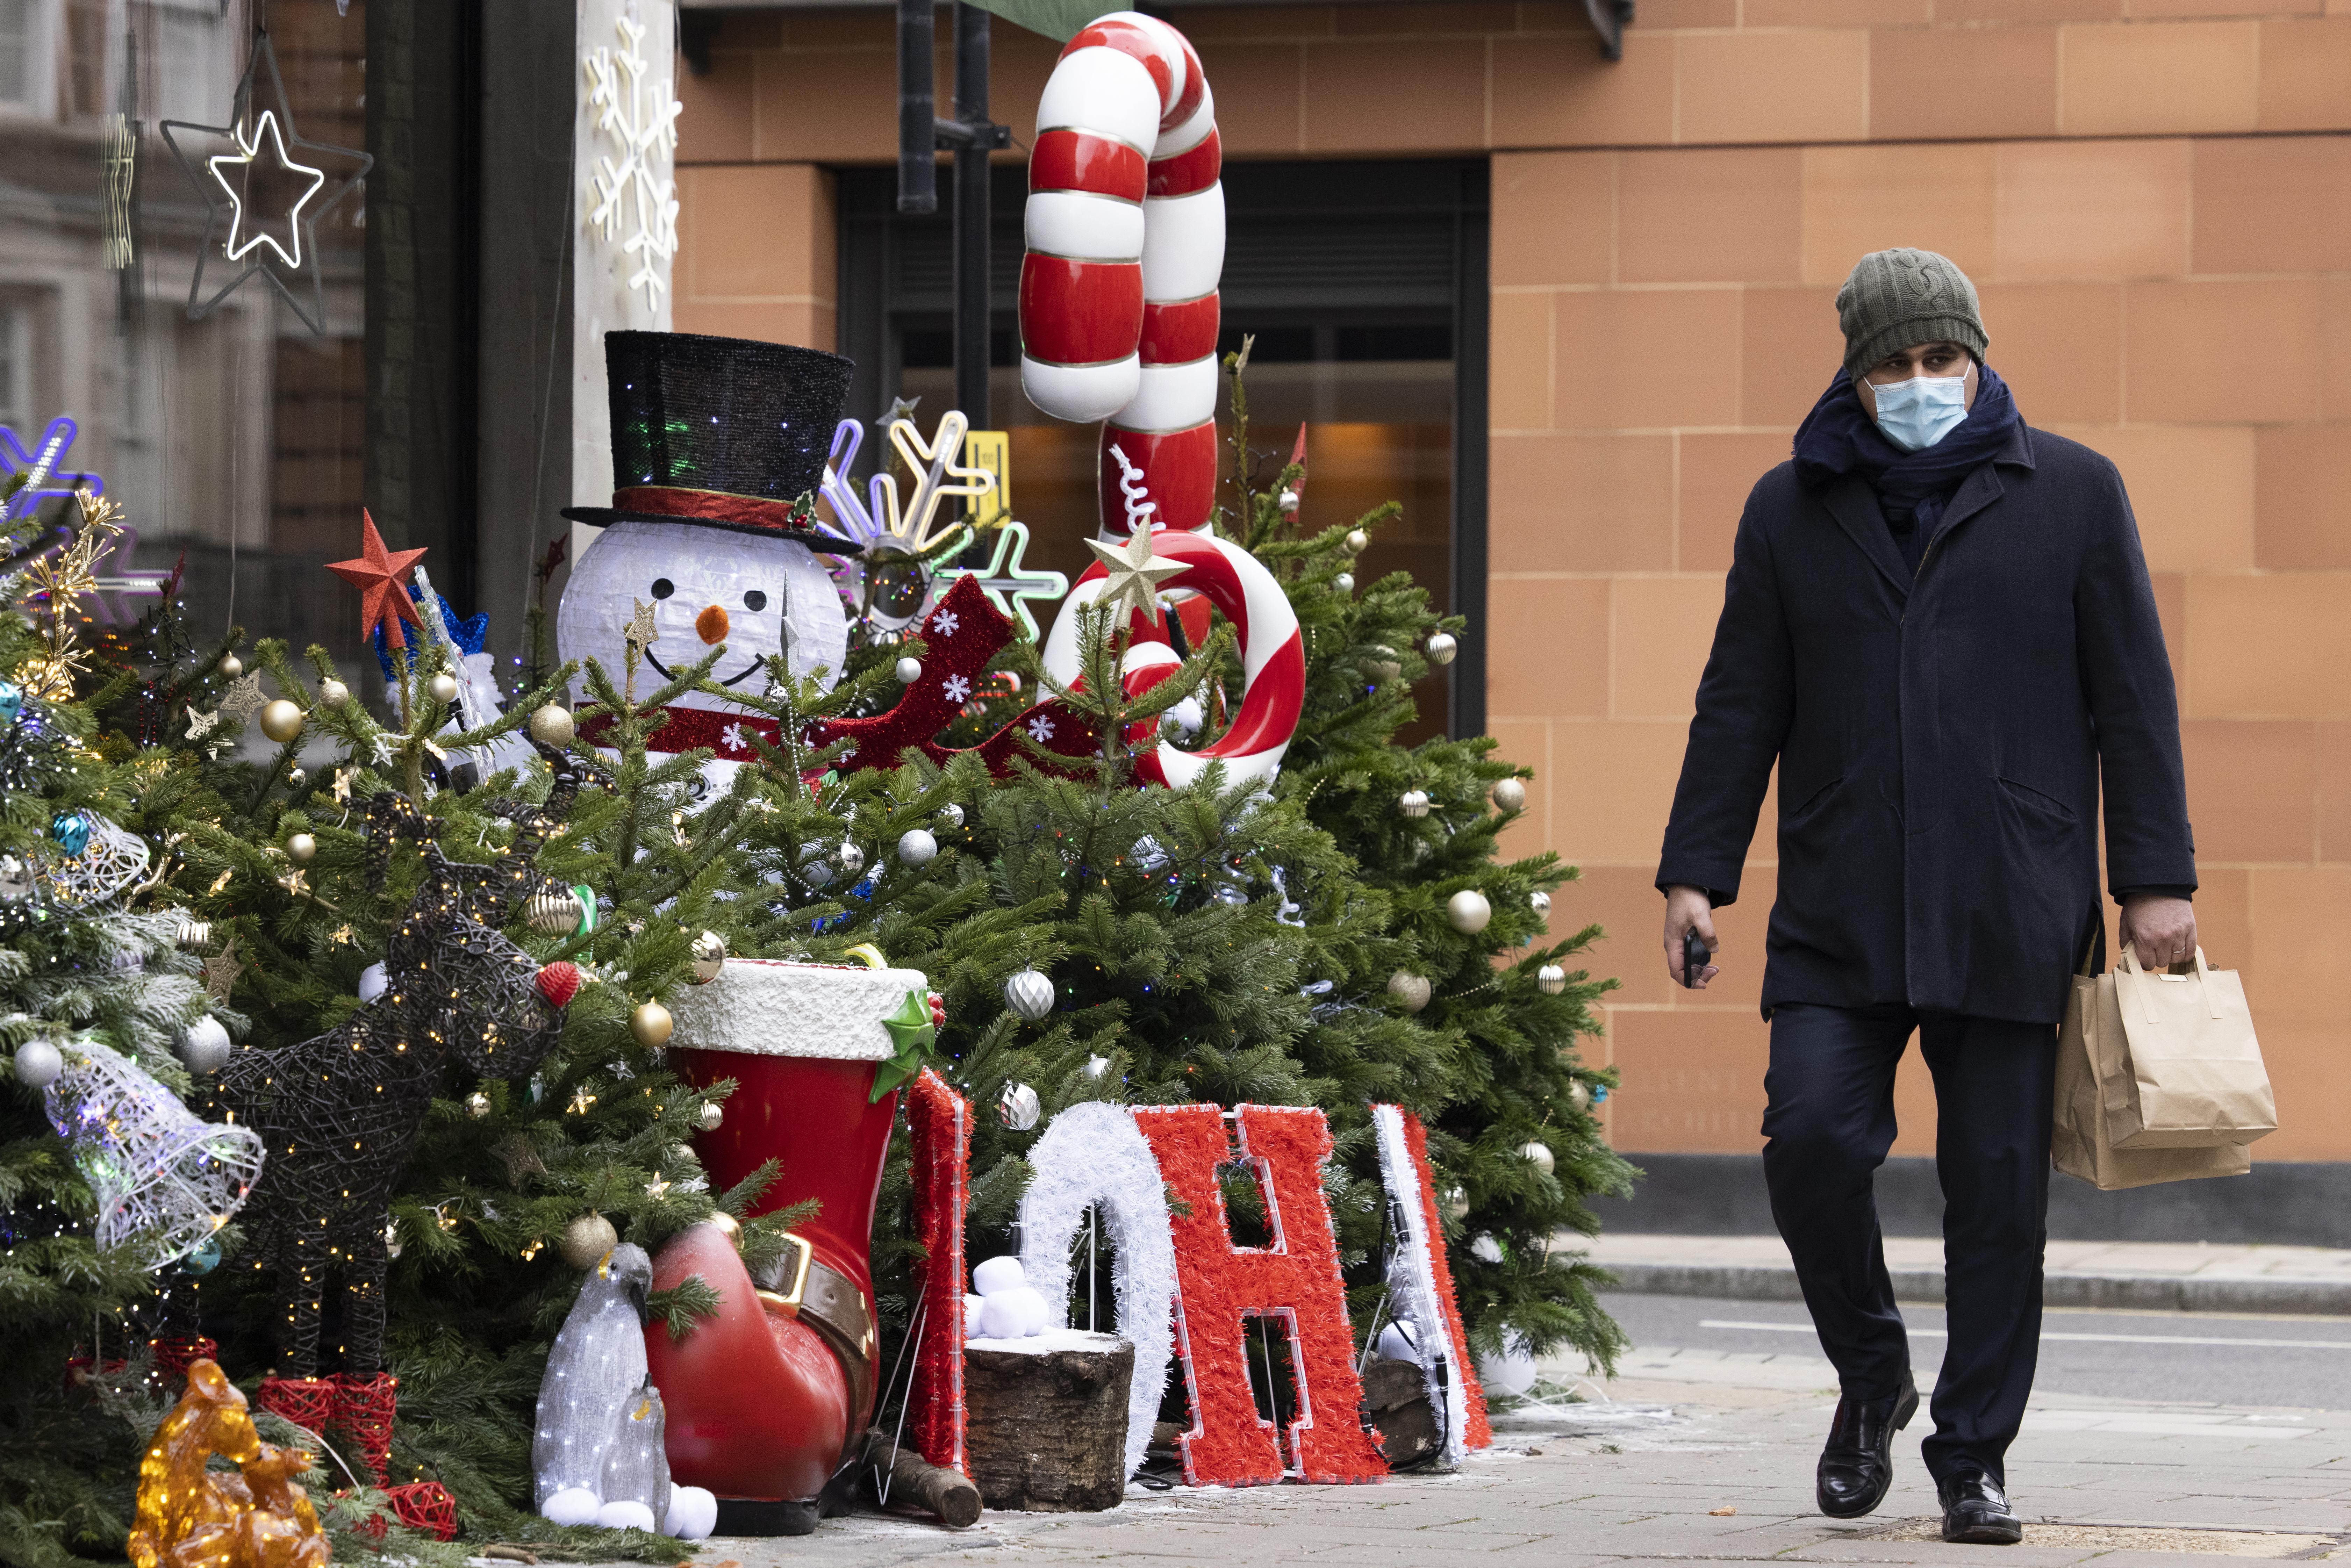 Regatul Unit anunță noi reguli în ce privește restricțiile anti-Covid de sărbători. Cum va fi Crăciunul în Marea Britanie